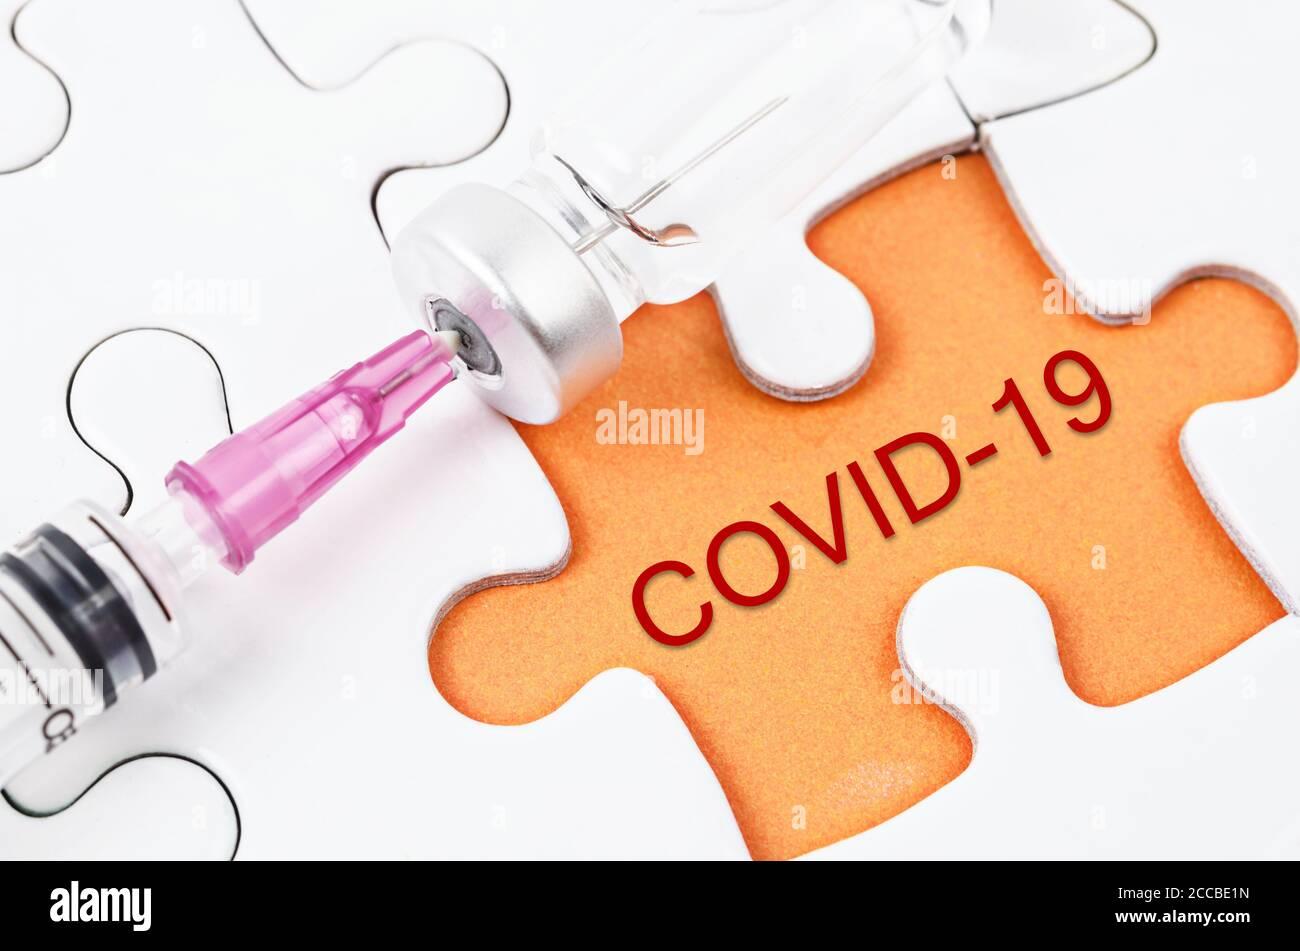 Inyección de vacuna y jeringa con texto COVID-19 en sierra de calar. Prevención, inmunización y tratamiento de la infección por el virus de la corona. Medicina infecciosa c Foto de stock